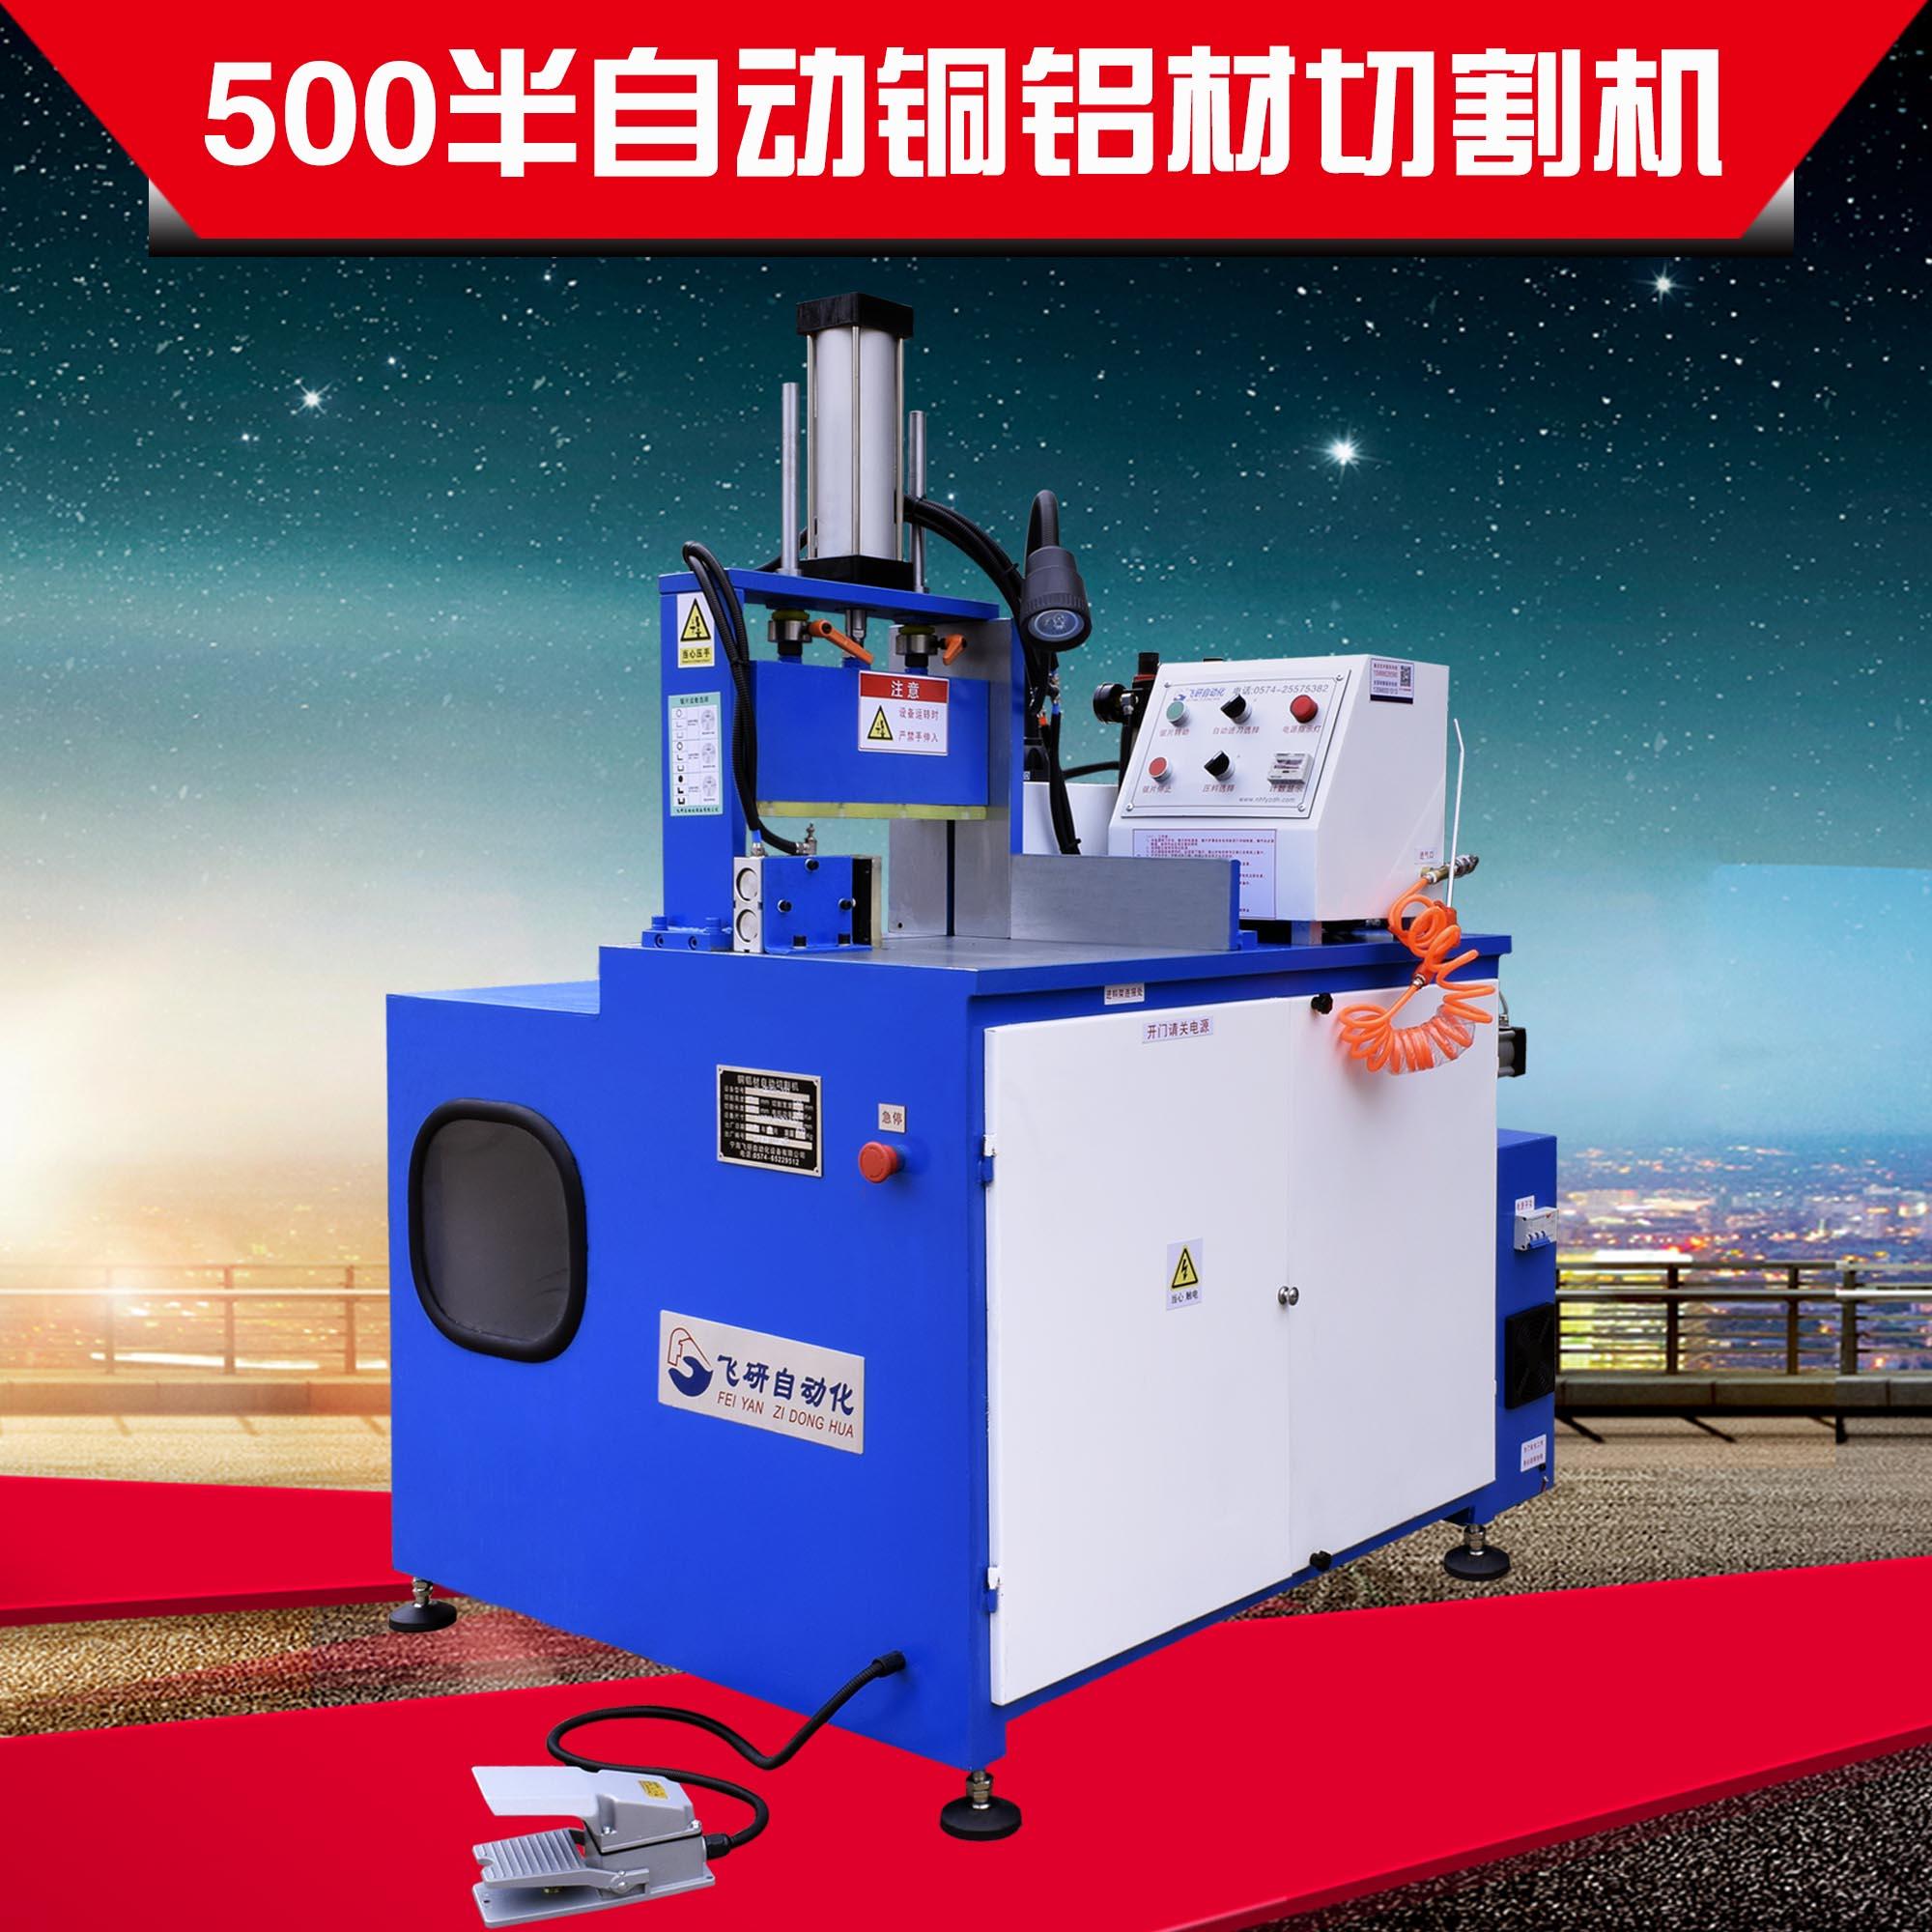 内蒙古全自动铝材切割机